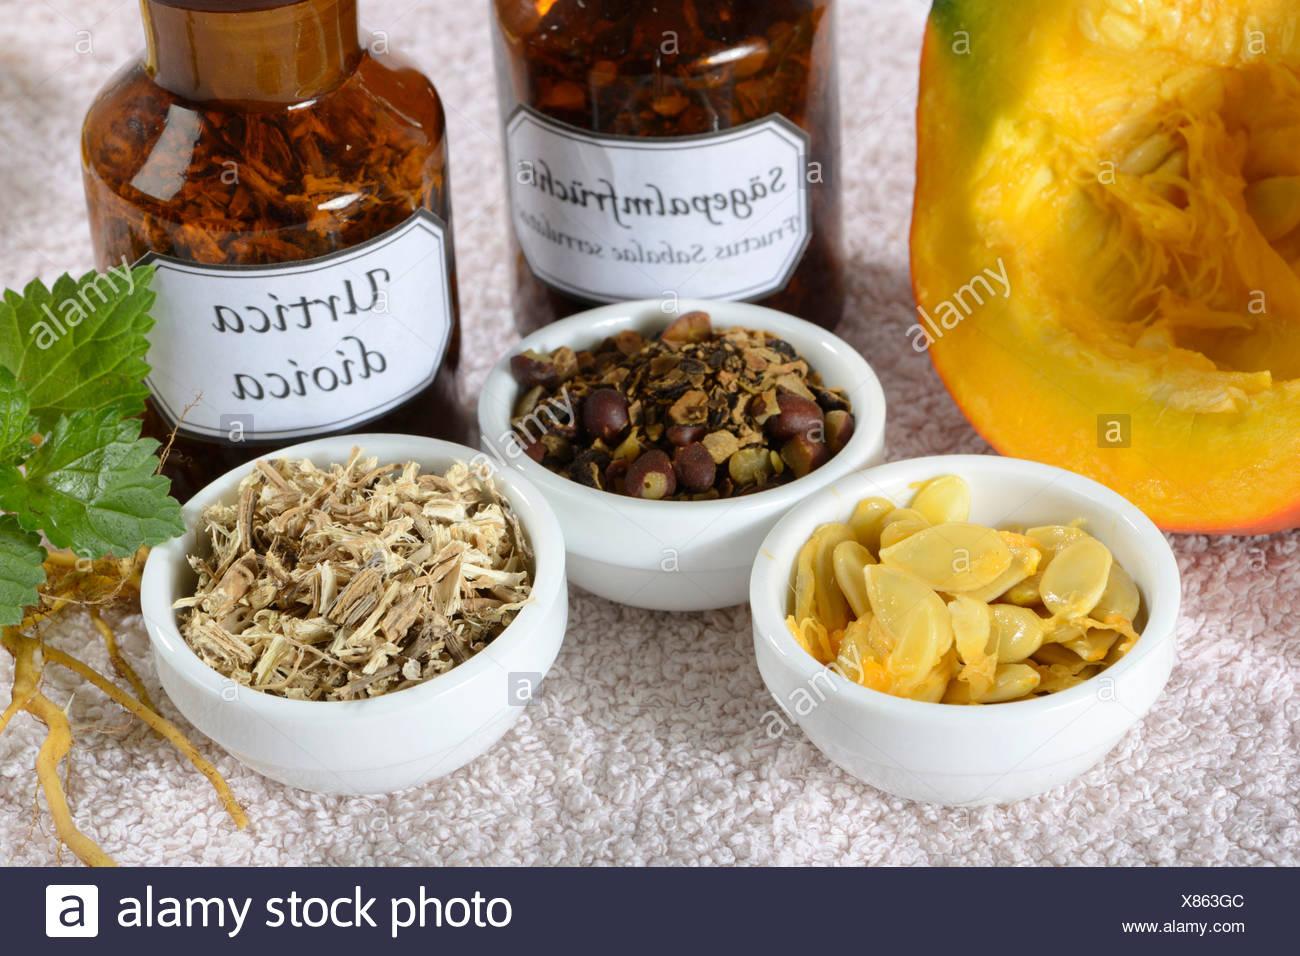 Prostate medicine - Stock Image